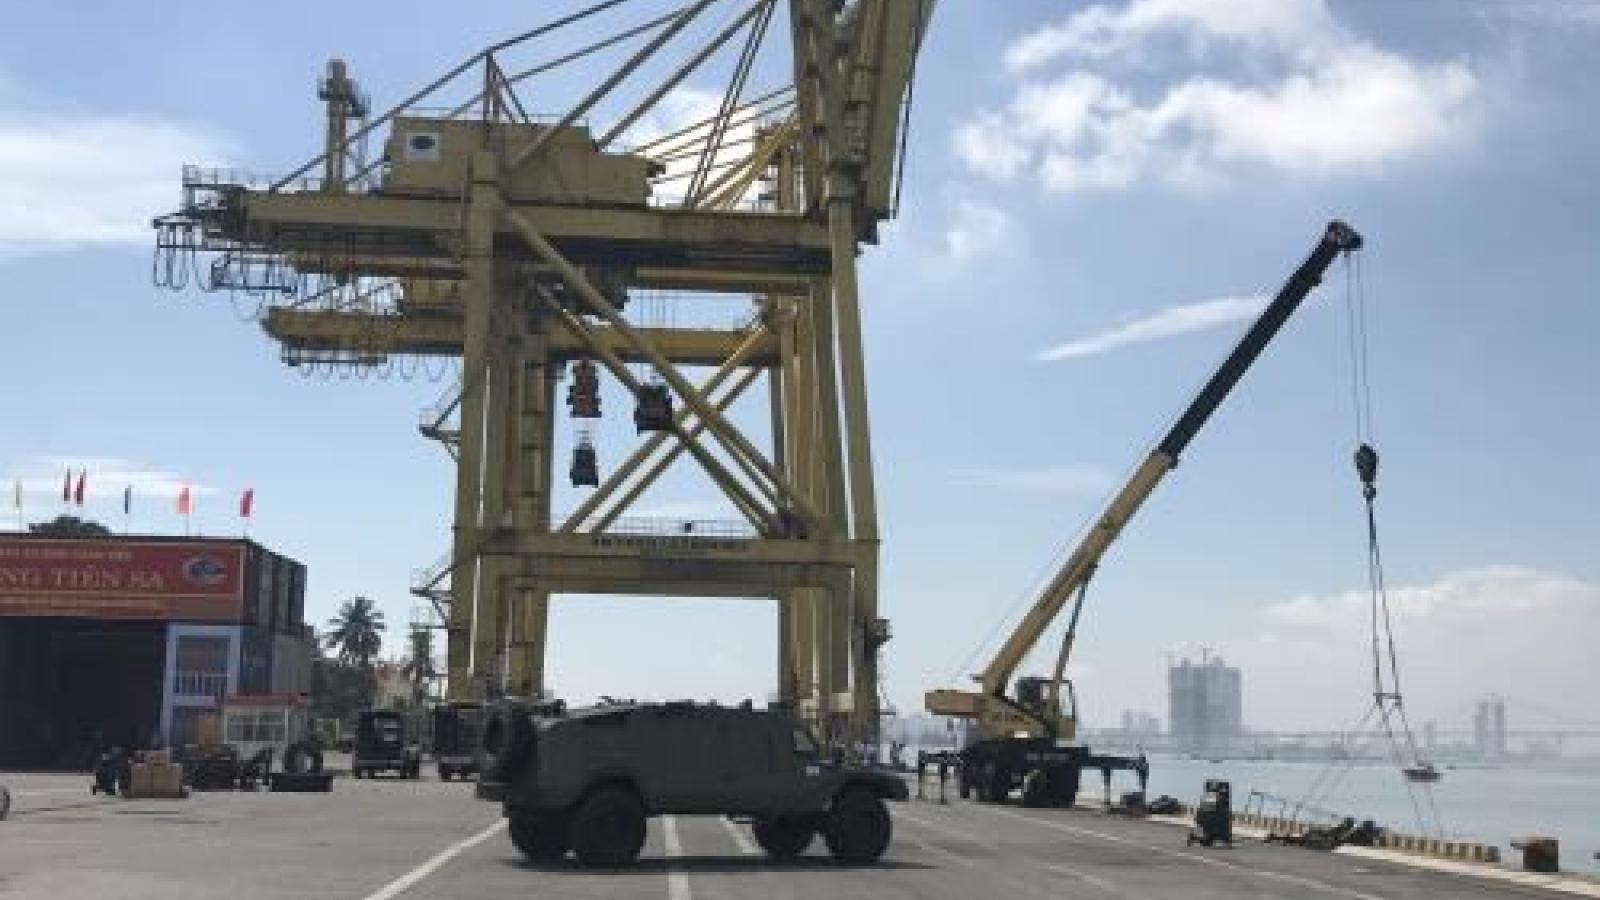 Tien Sa wharf in Da Nang to be inaugurated in November